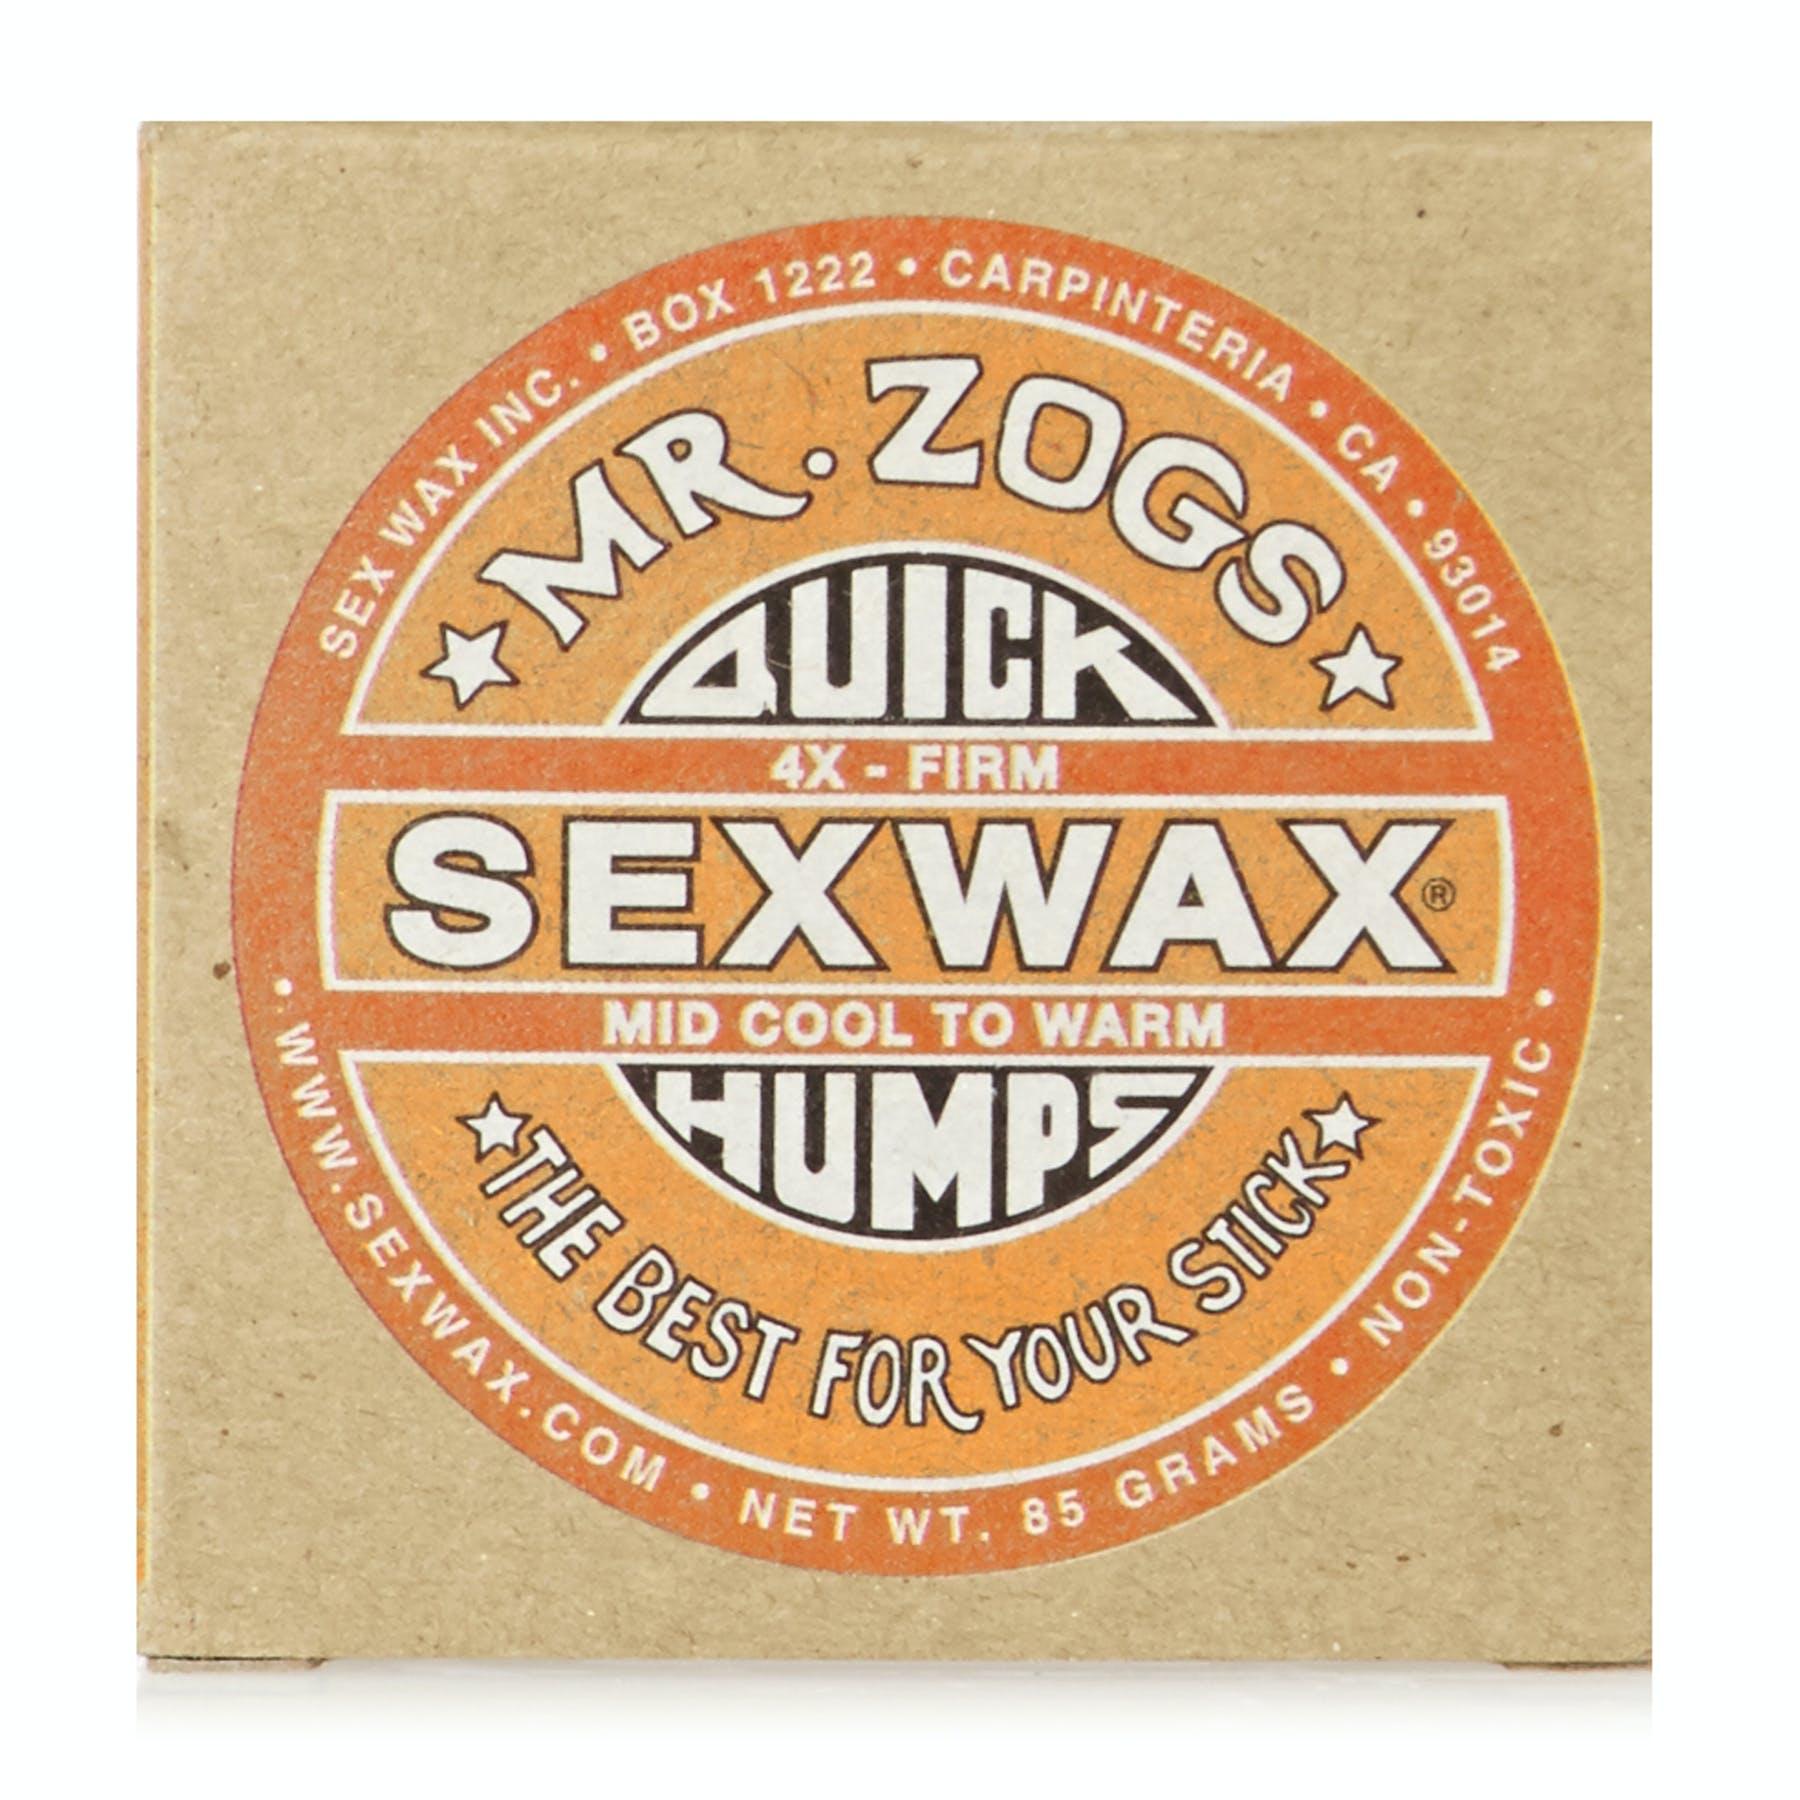 2 x Mr Zogs Sex Wax Quick Humps Surfboard Wax Block Warm to Mild Tropical